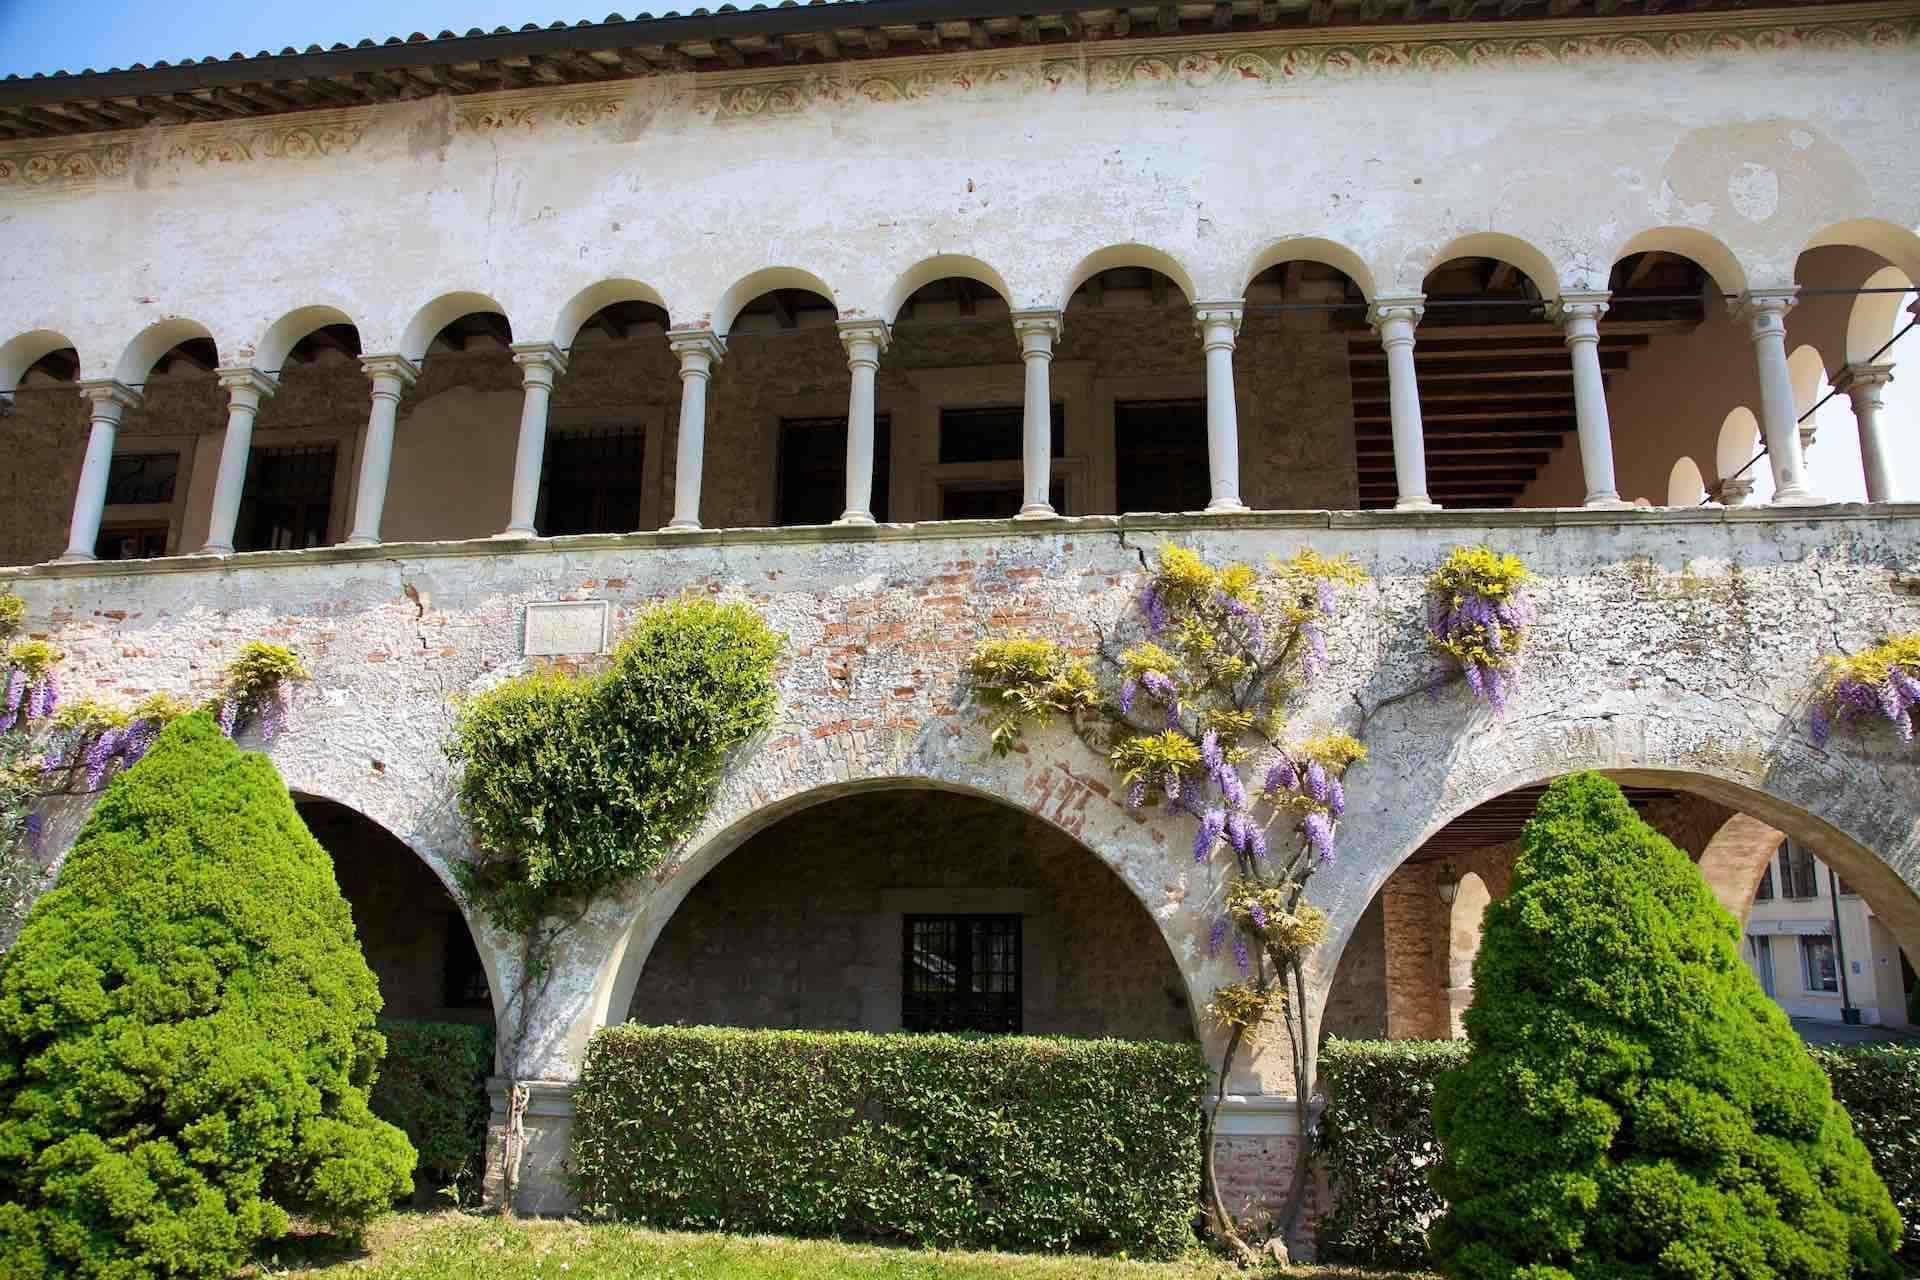 L'Abbazia di Follina, visita obbligata sulla Strada del Vino e del Prosecco in Veneto